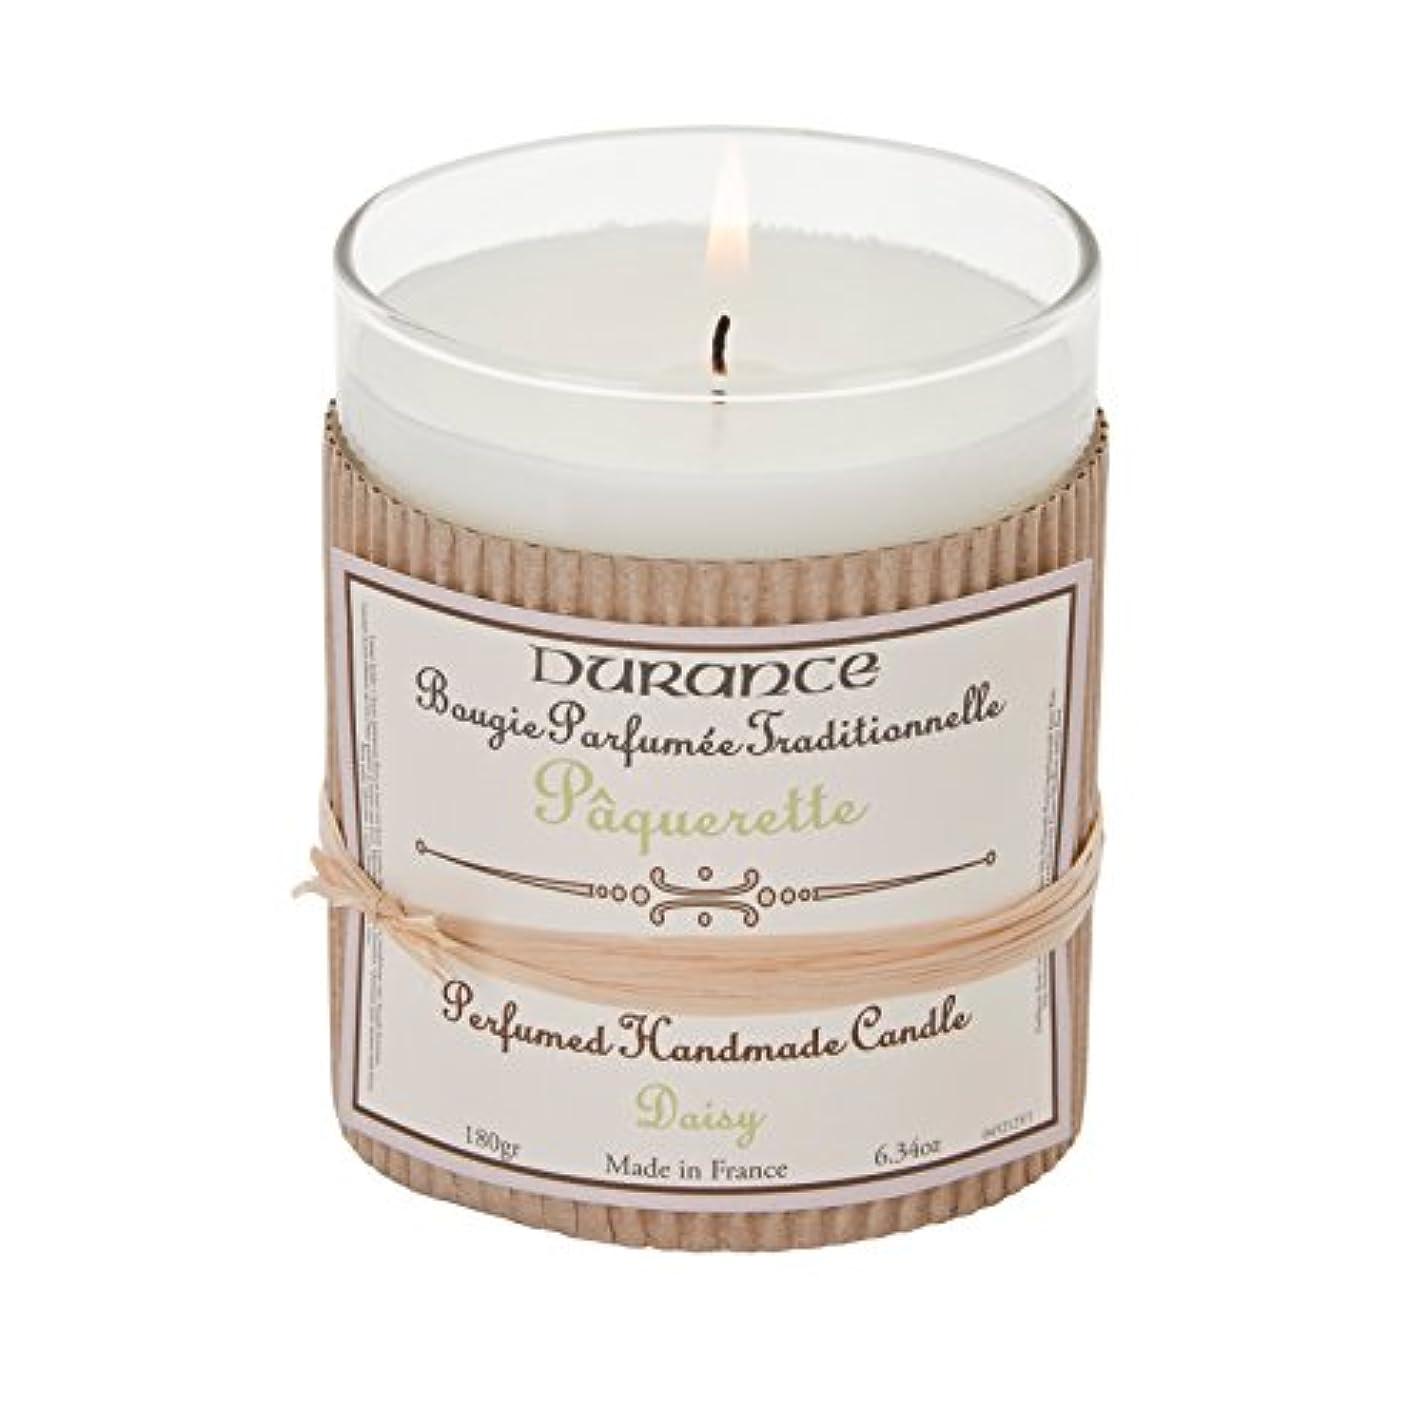 ピーク果てしない小川Durance De Provence Hand Crafted Scented Candle - Daisy